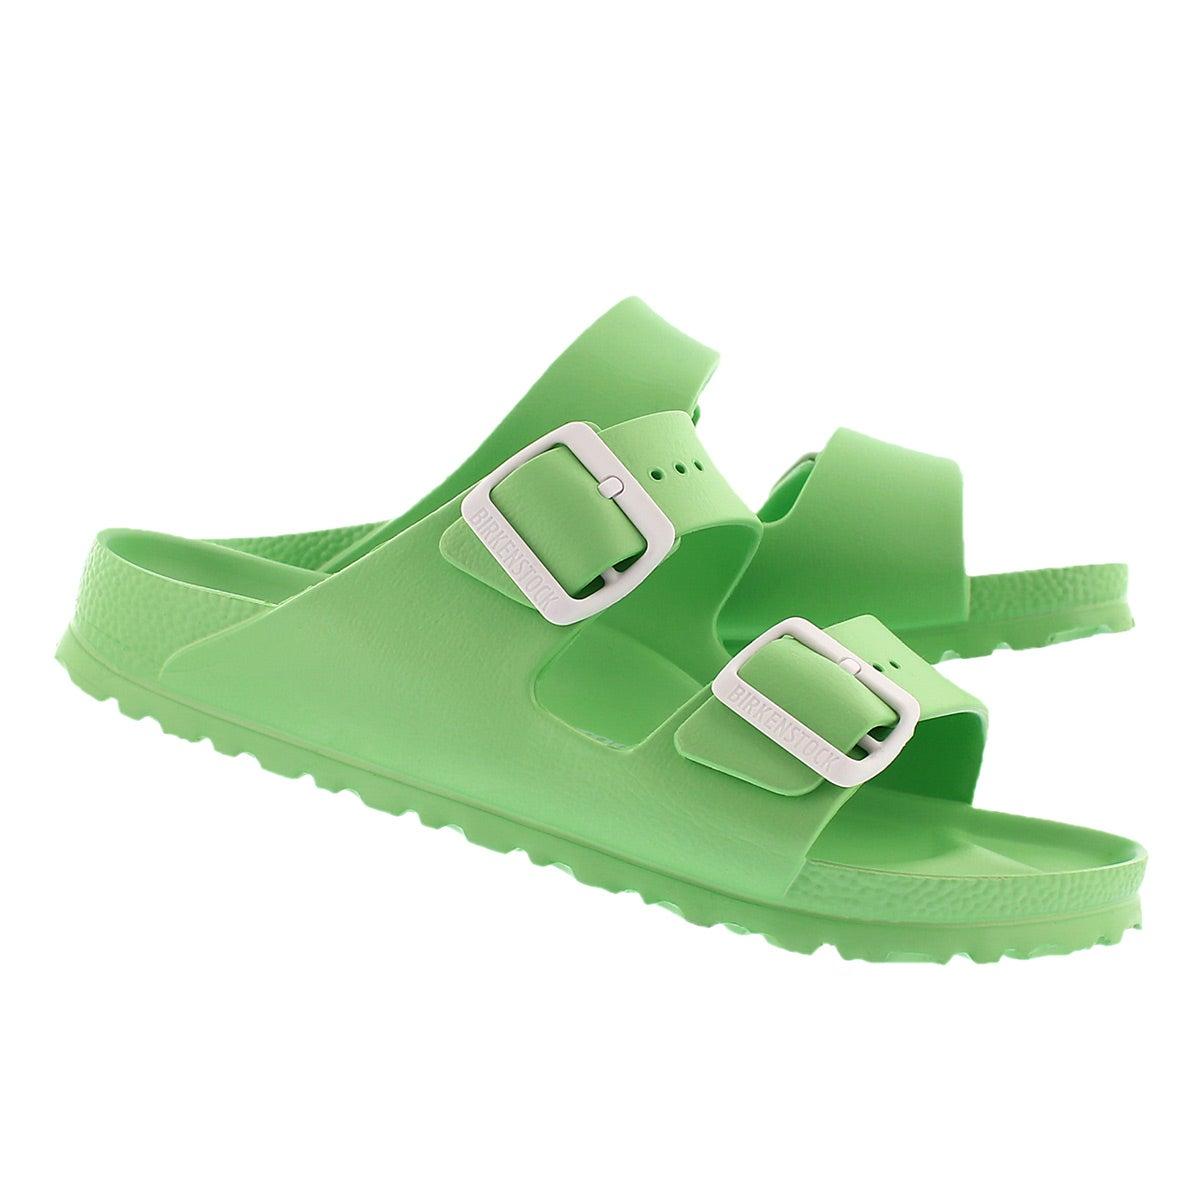 Sandale ARIZONA EVA, vert fl, fem-Étroit